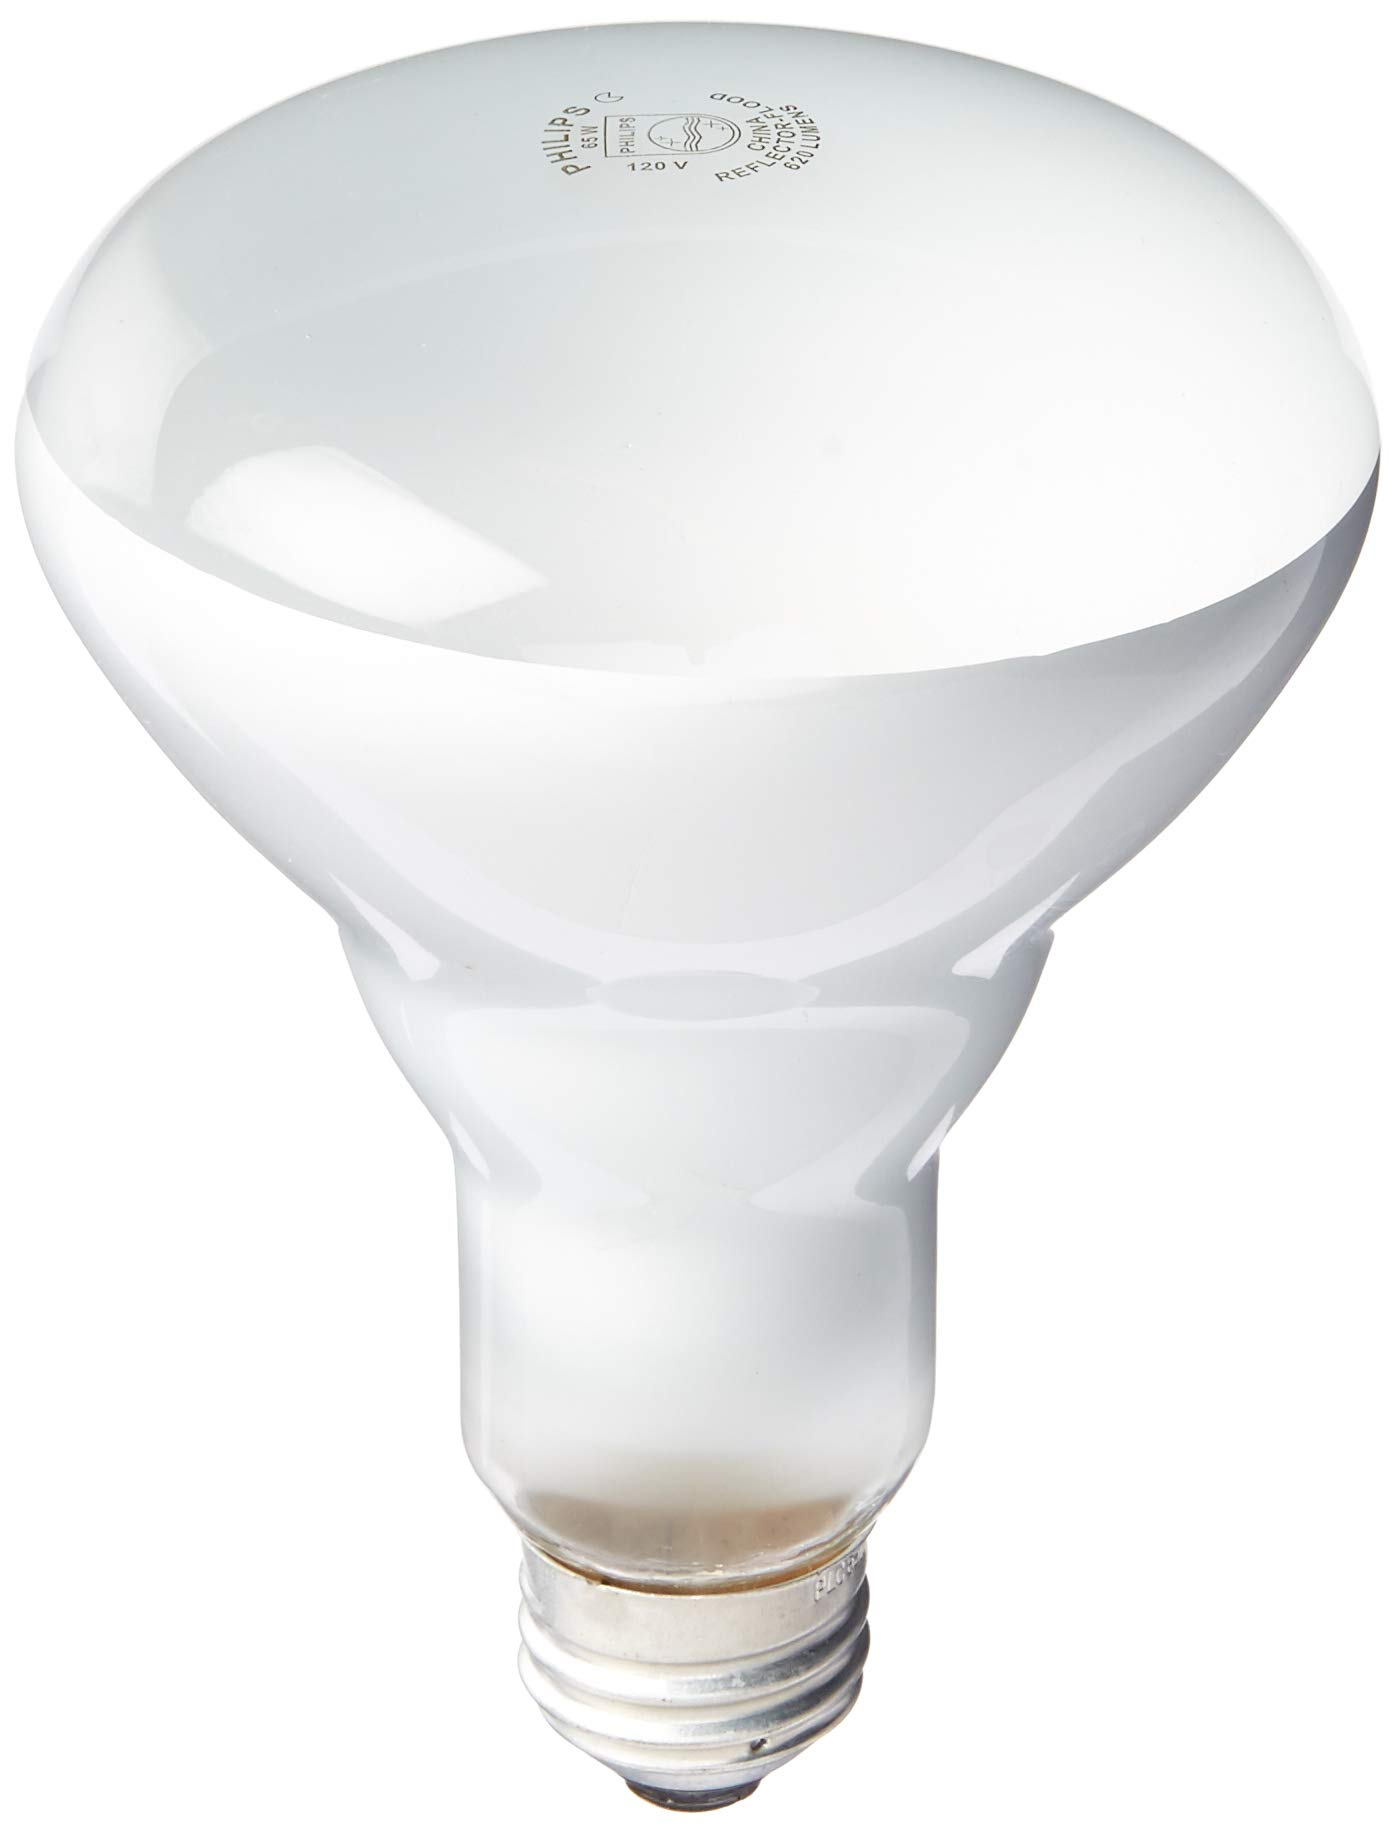 Philips Phillips 408662 Soft White 65-Watt BR30 Indoor Flood Light Bulb, 4-Pack by PHILIPS